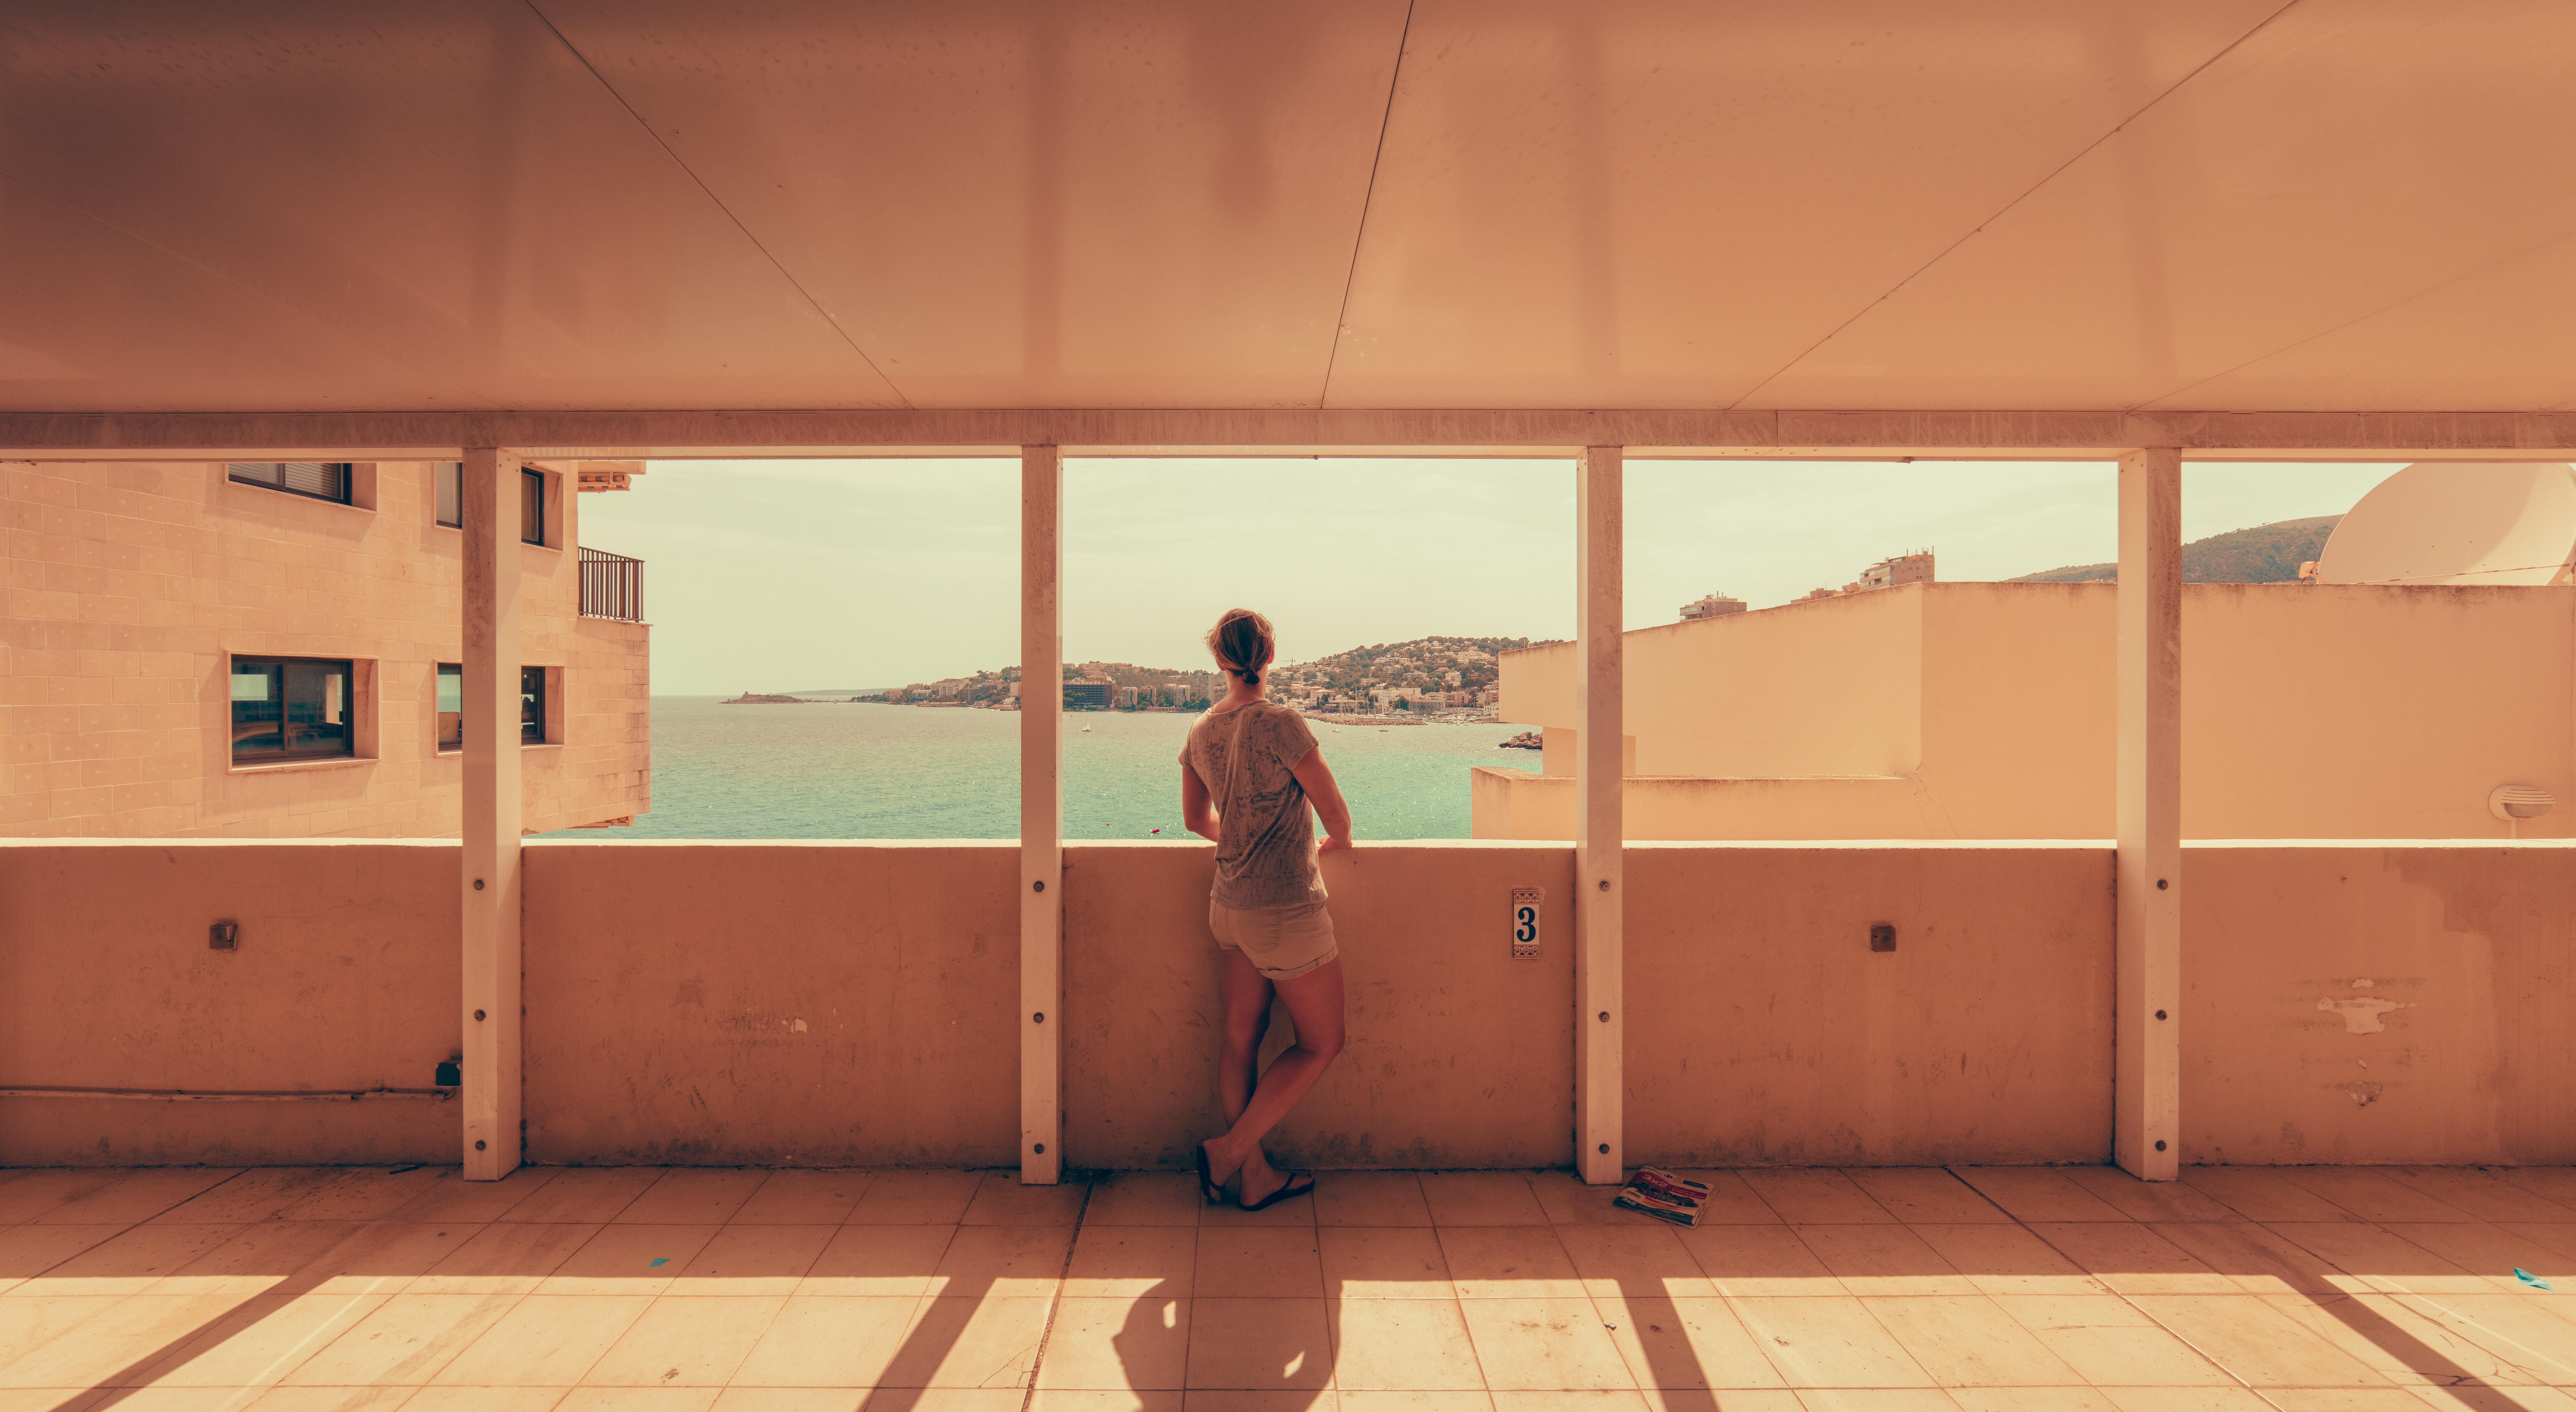 Kostenlose foto : Person, Licht, die Architektur, Frau, Haus, Stock ...